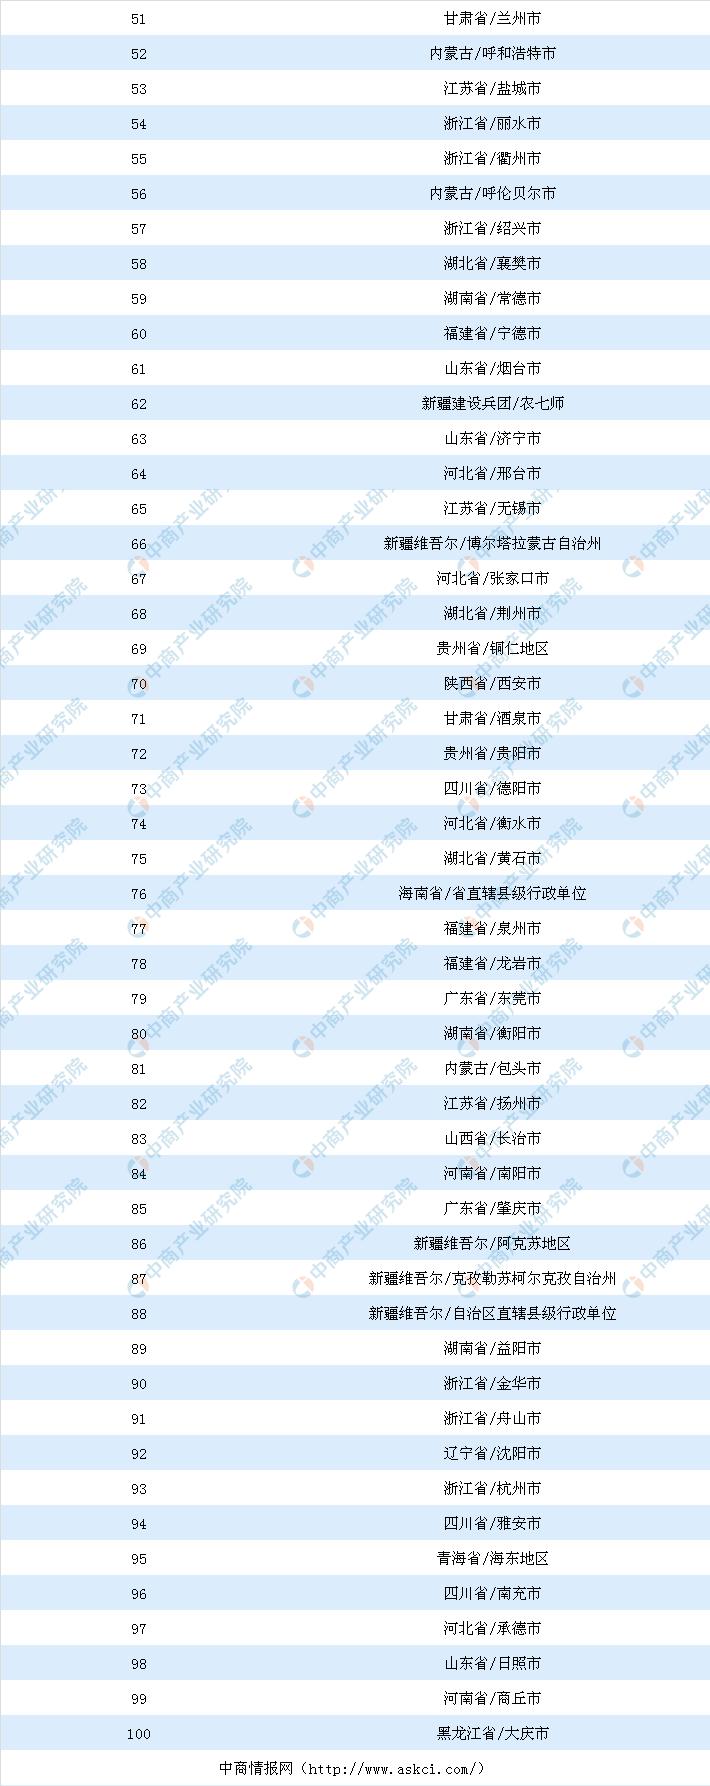 8月全国仓储物流行业投资百强地市排名(土地篇)